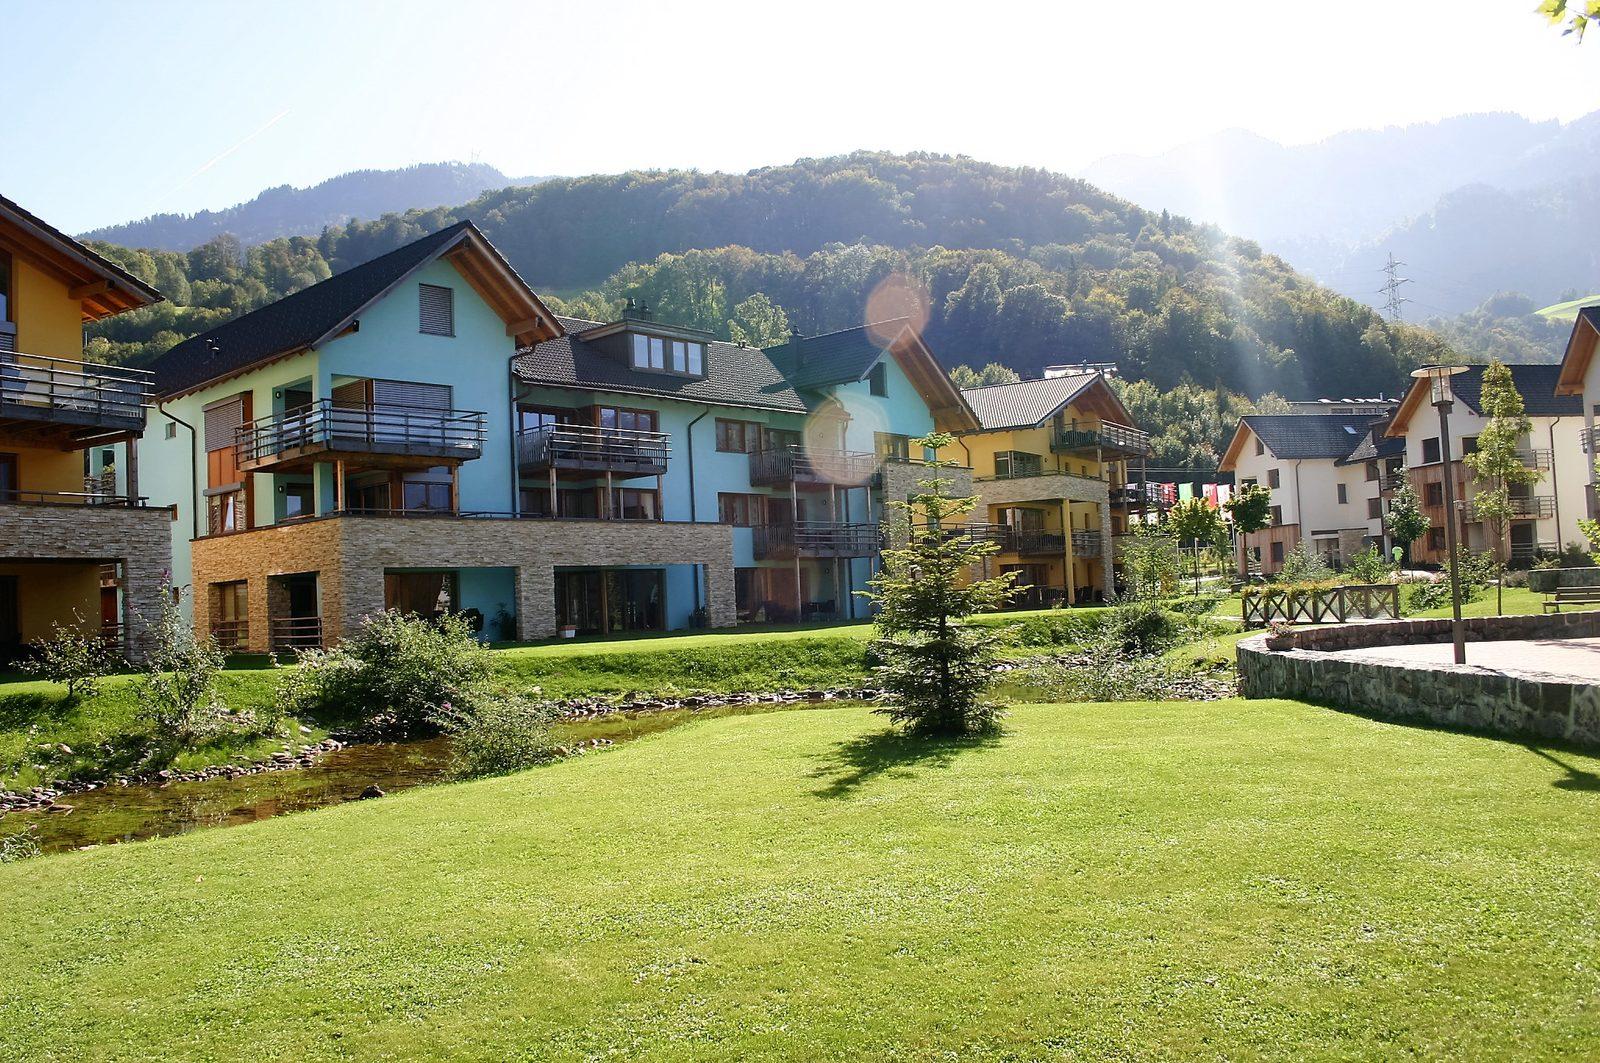 Ferienhäuser entlang des kleinen Bachs von Resort Walensee in Heidiland Flumsberg Schweiz, während der Osterferien